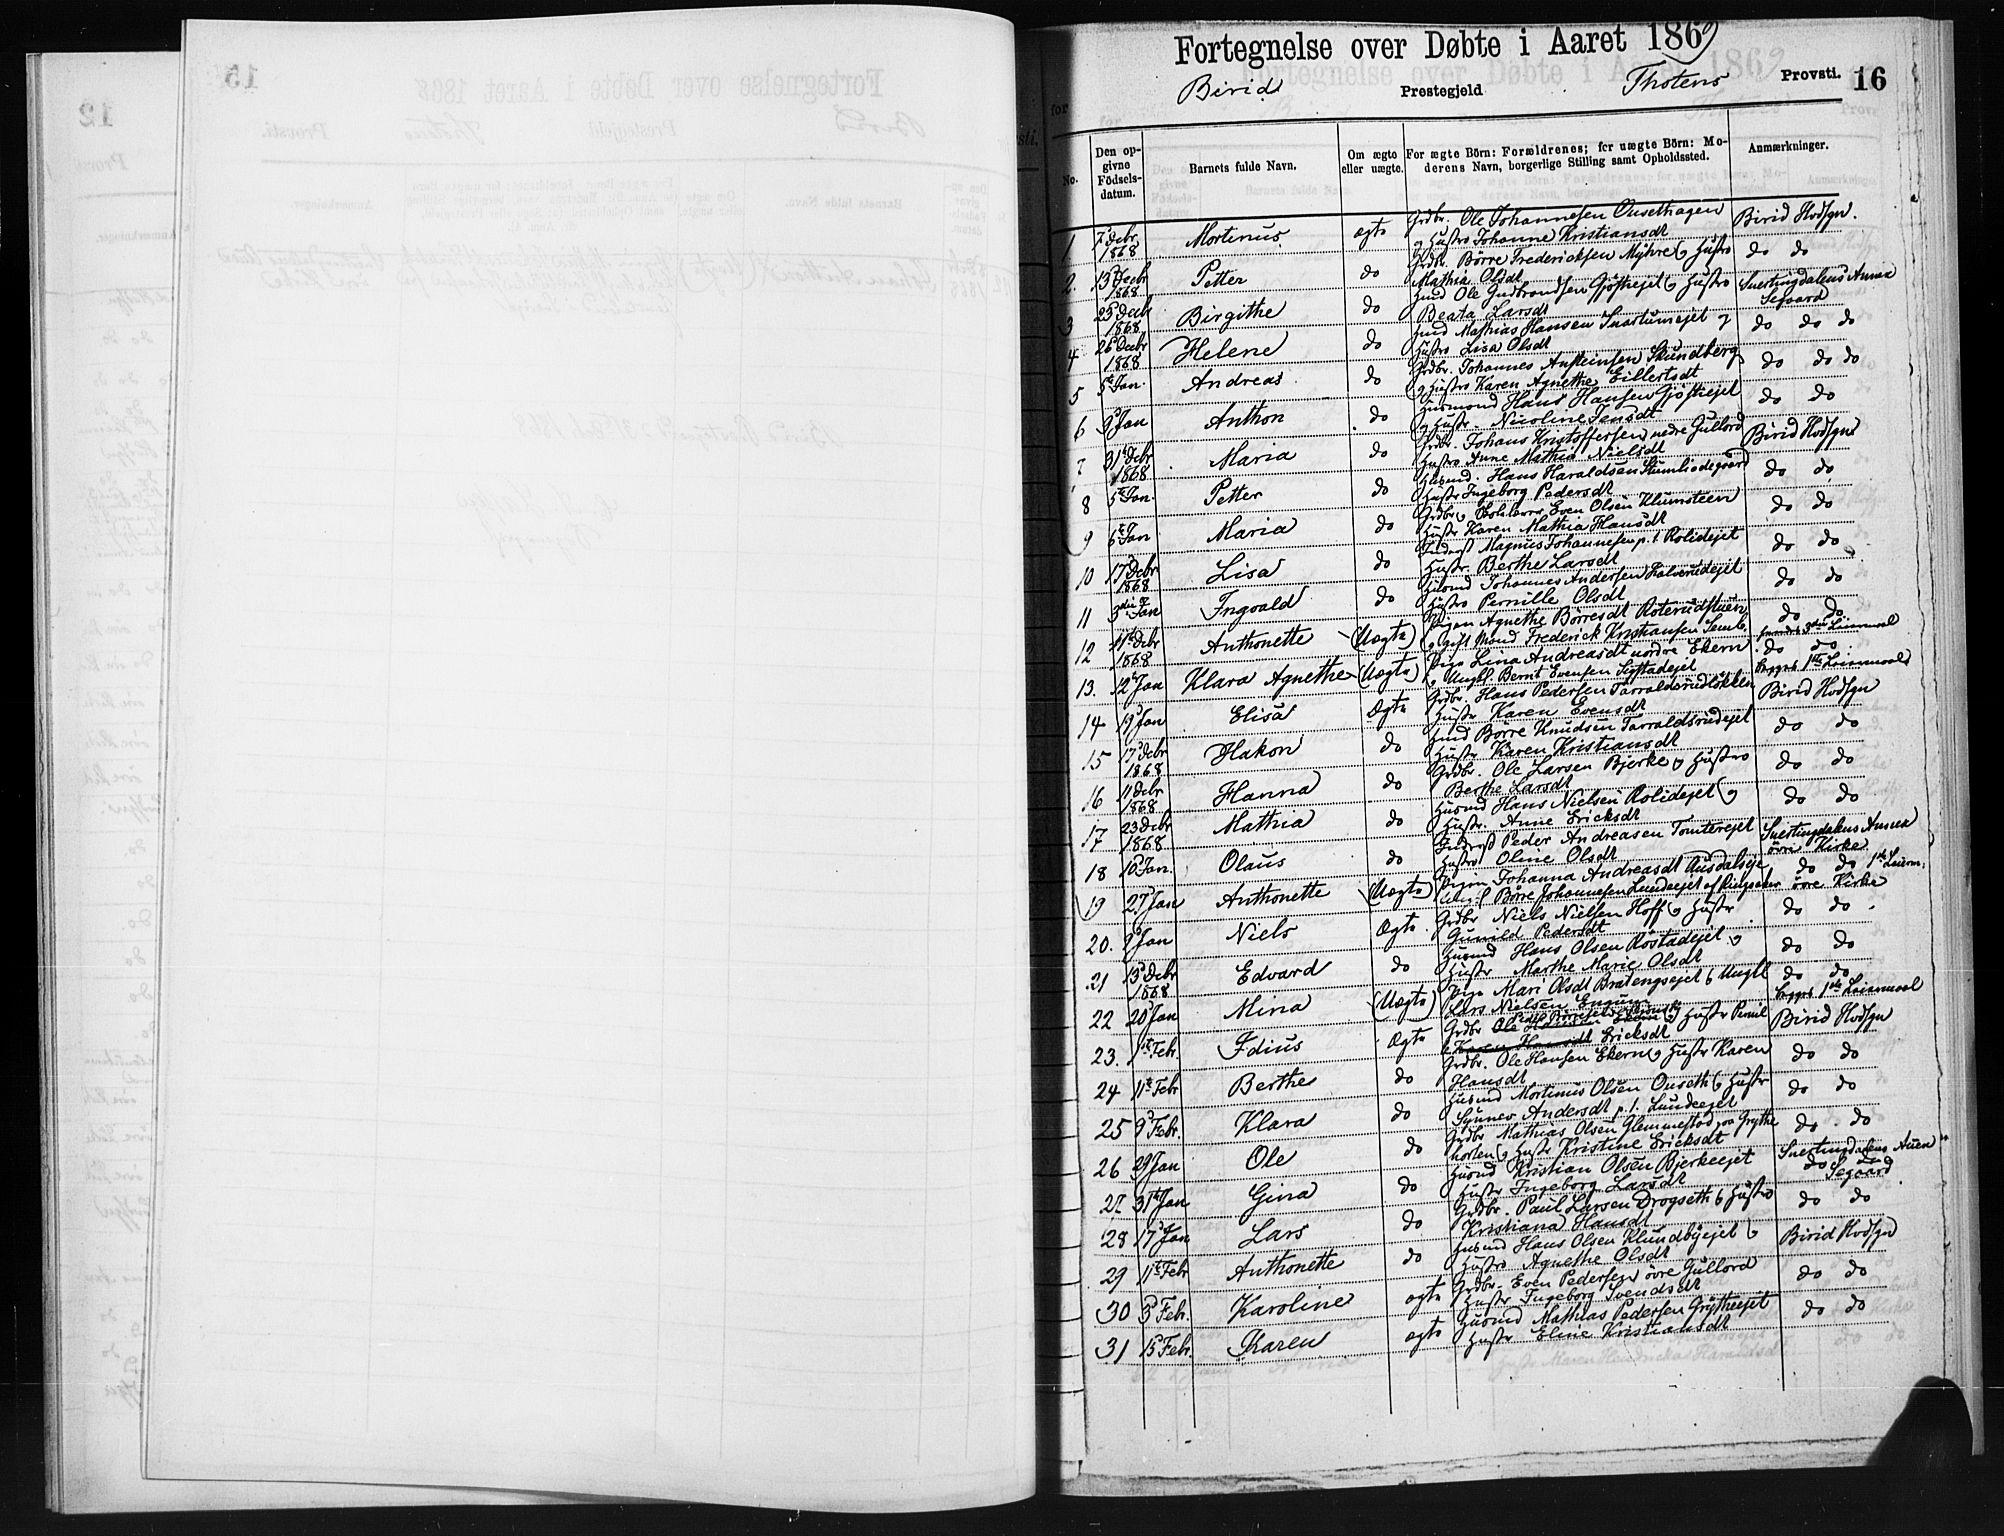 SAH, Biri prestekontor, Ministerialbok, 1866-1872, s. 16